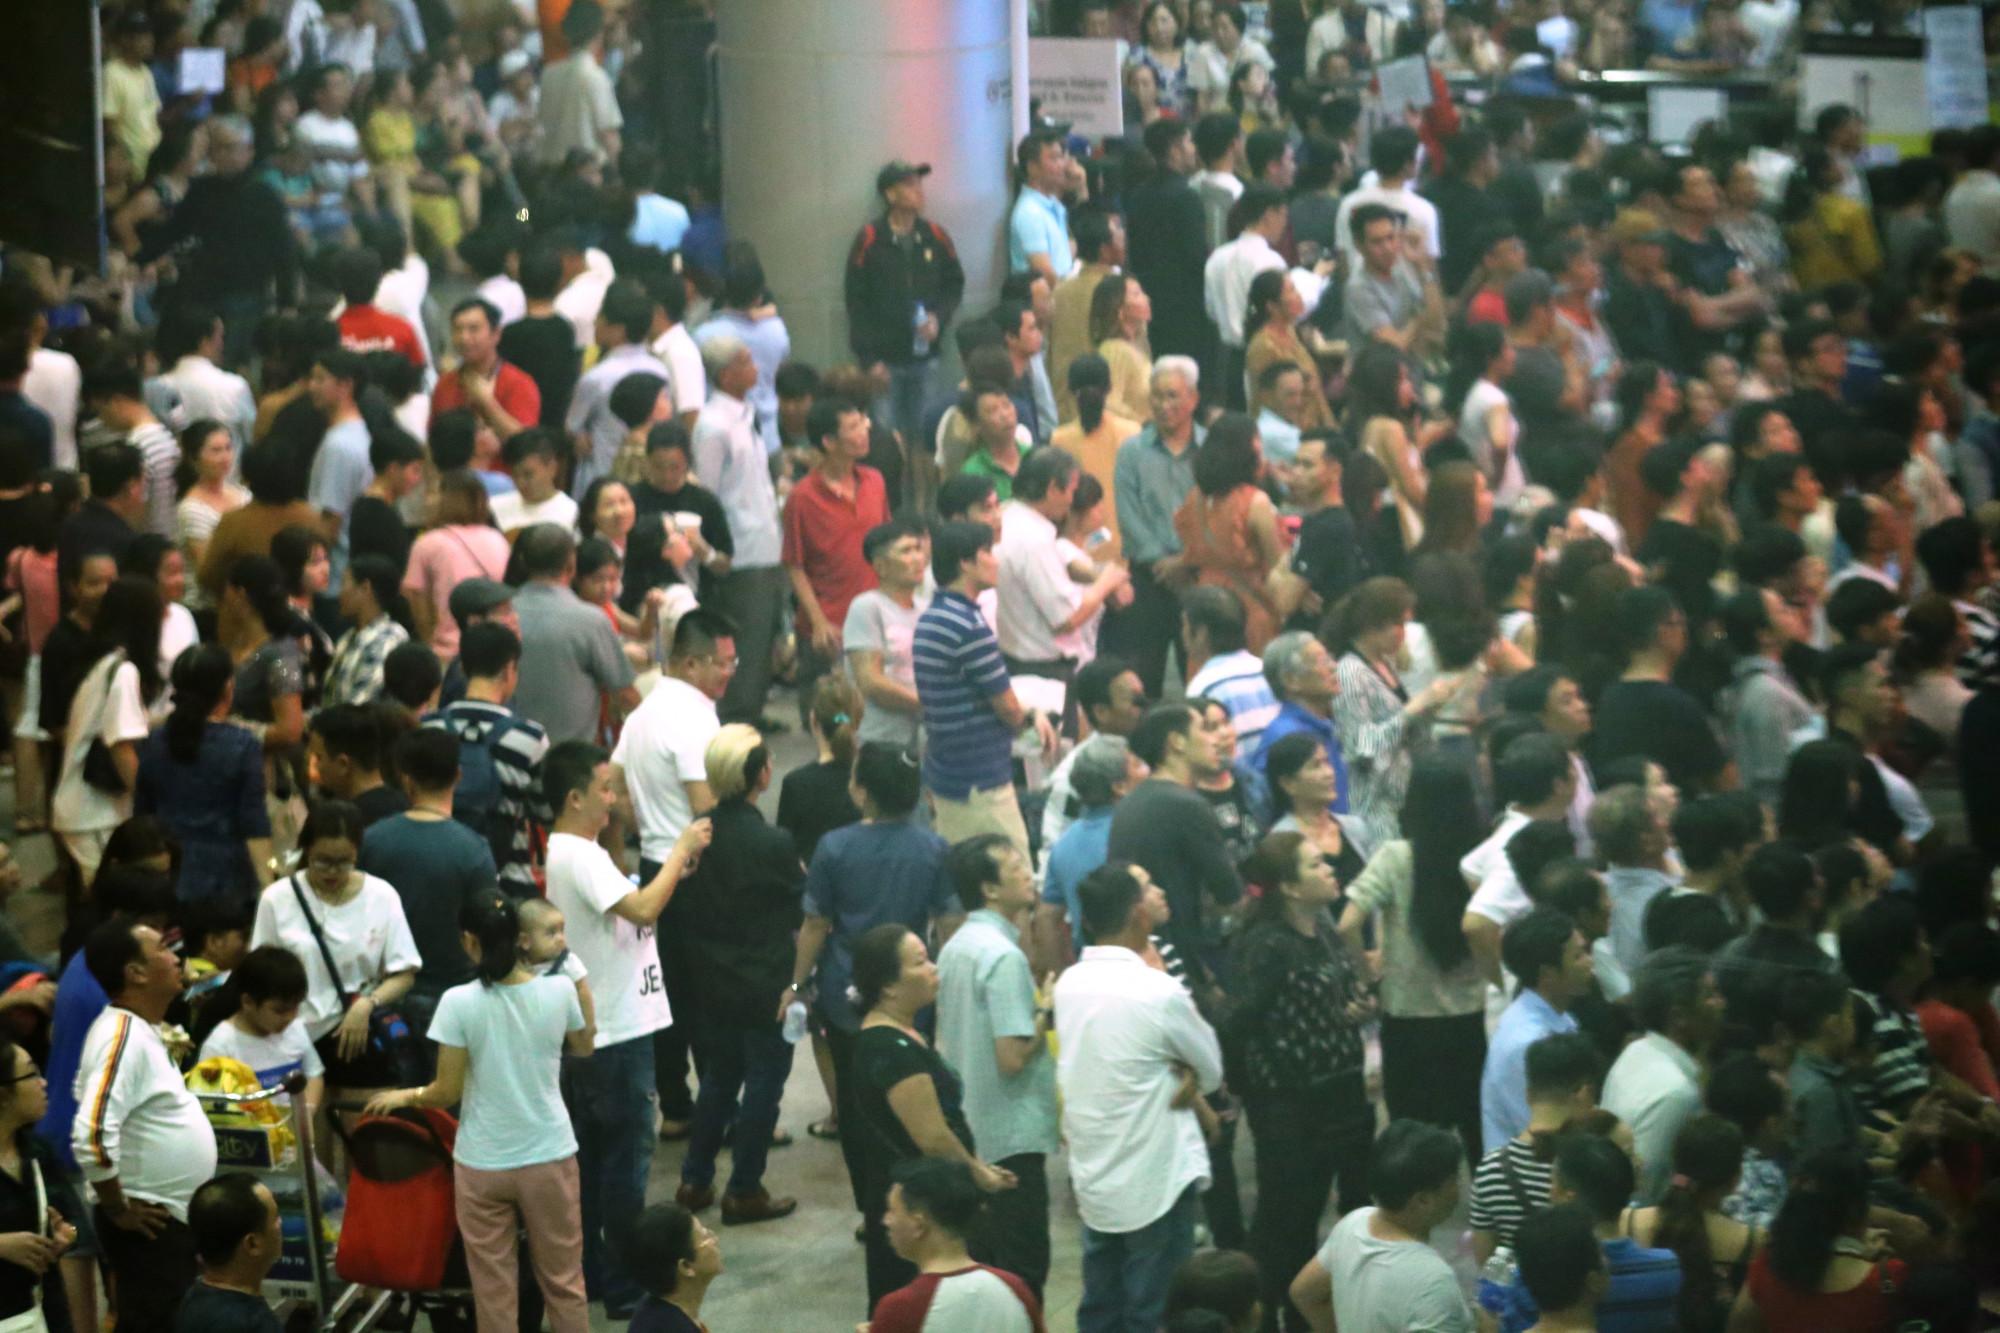 Càng về khuya và rạng sáng ngày hôm sau, người dân đổ về nhà ga để chờ đón Việt Kiều mỗi đông đúc